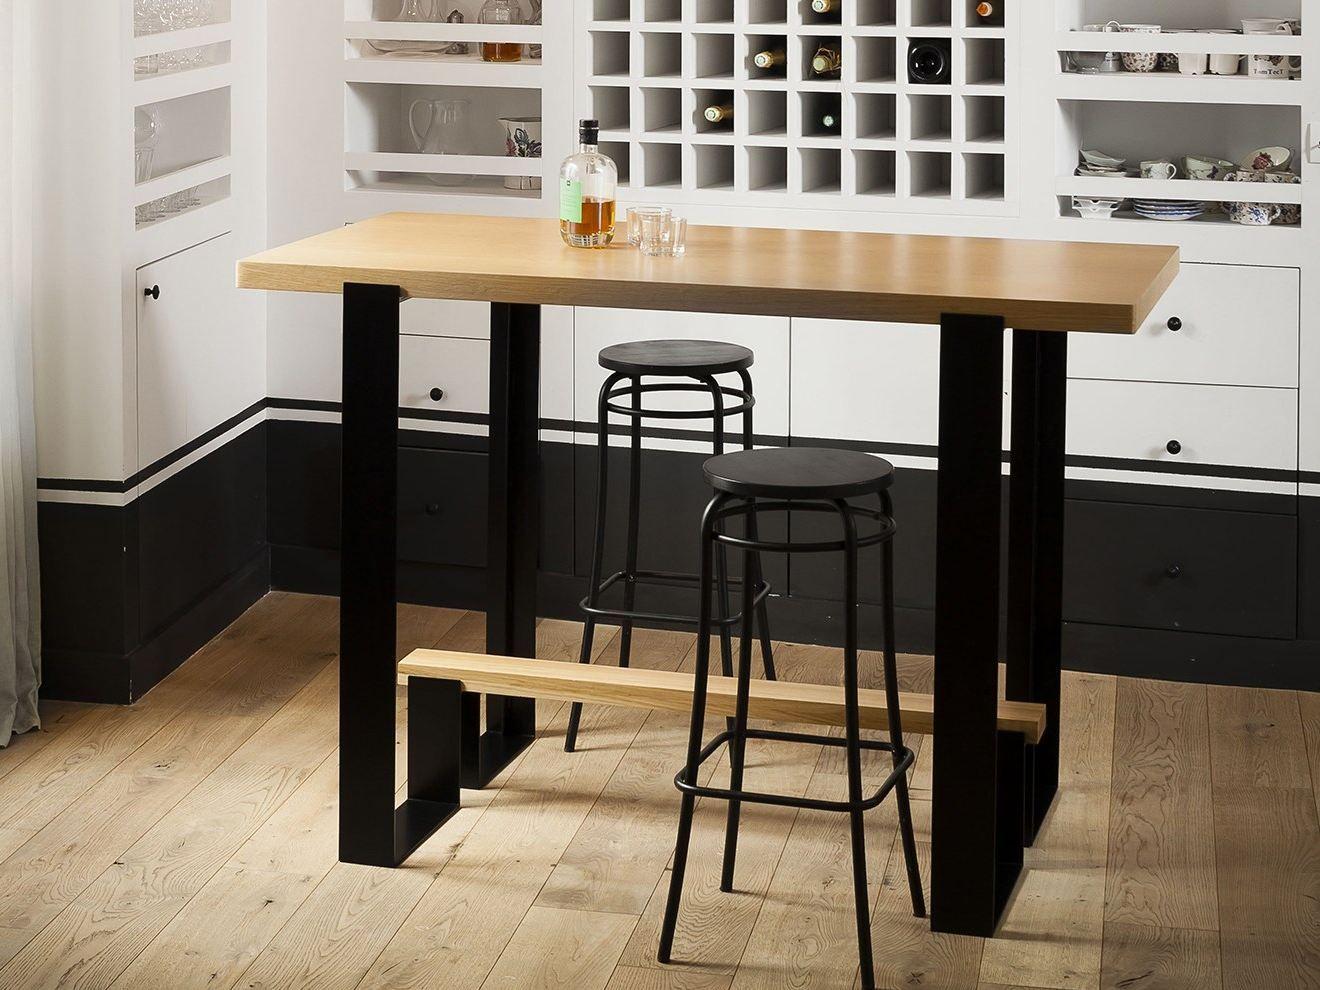 Tavolo alto in legno mayet bar by alex de rouvray design - Tavolo alto bar ...